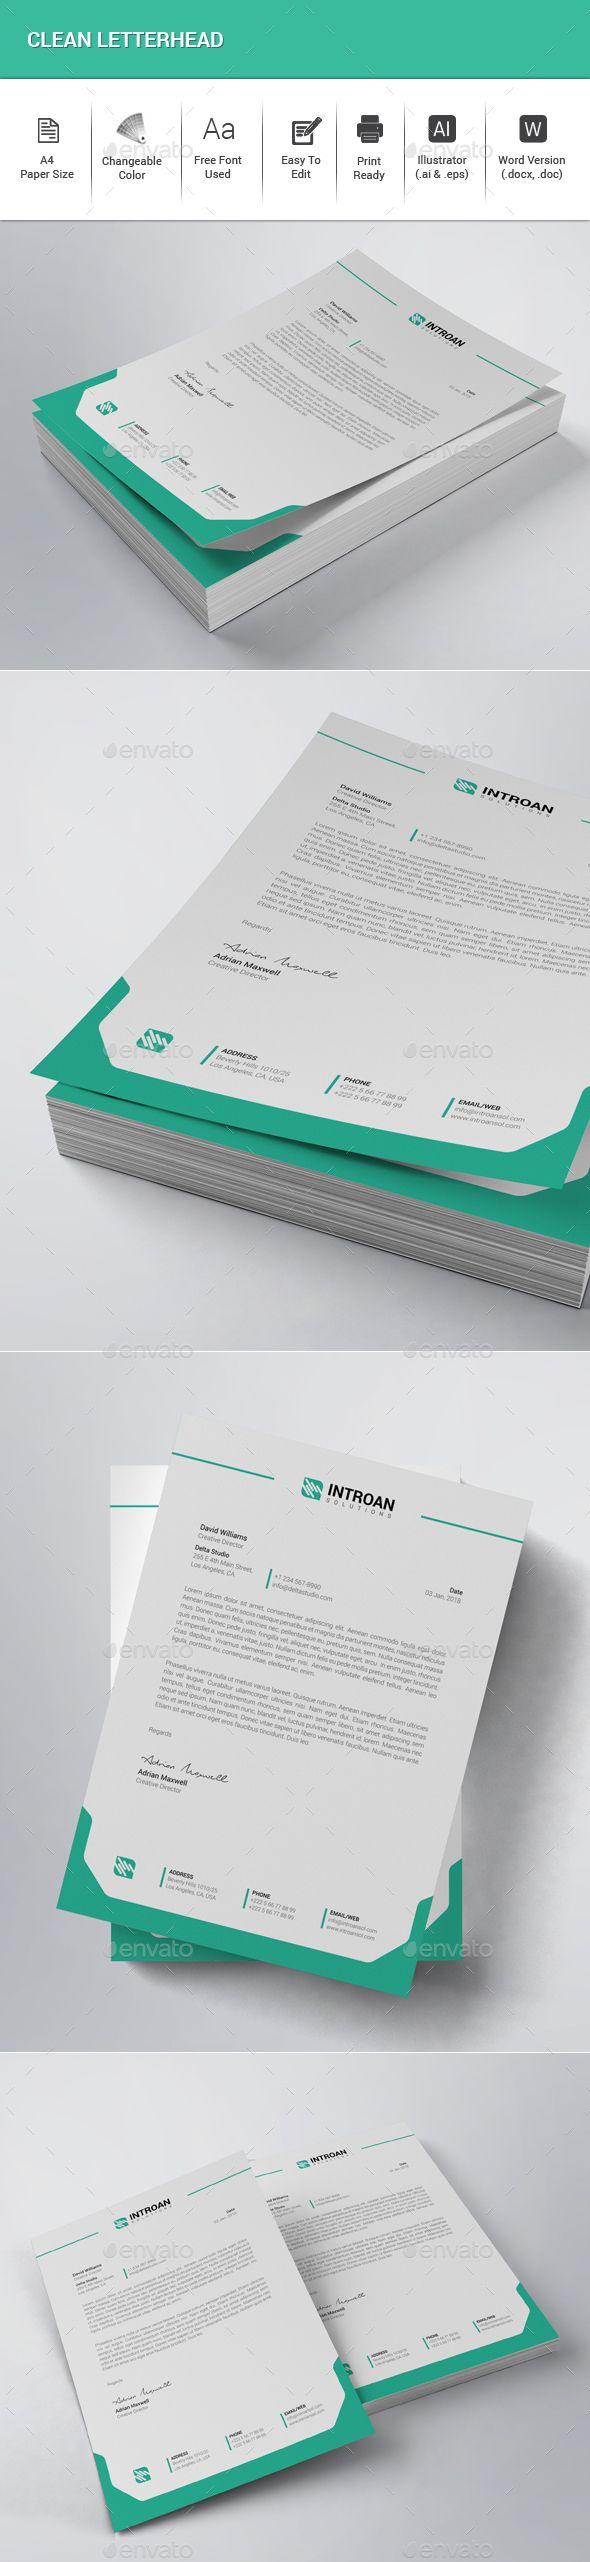 letter format on letterhead%0A Clean Letterhead